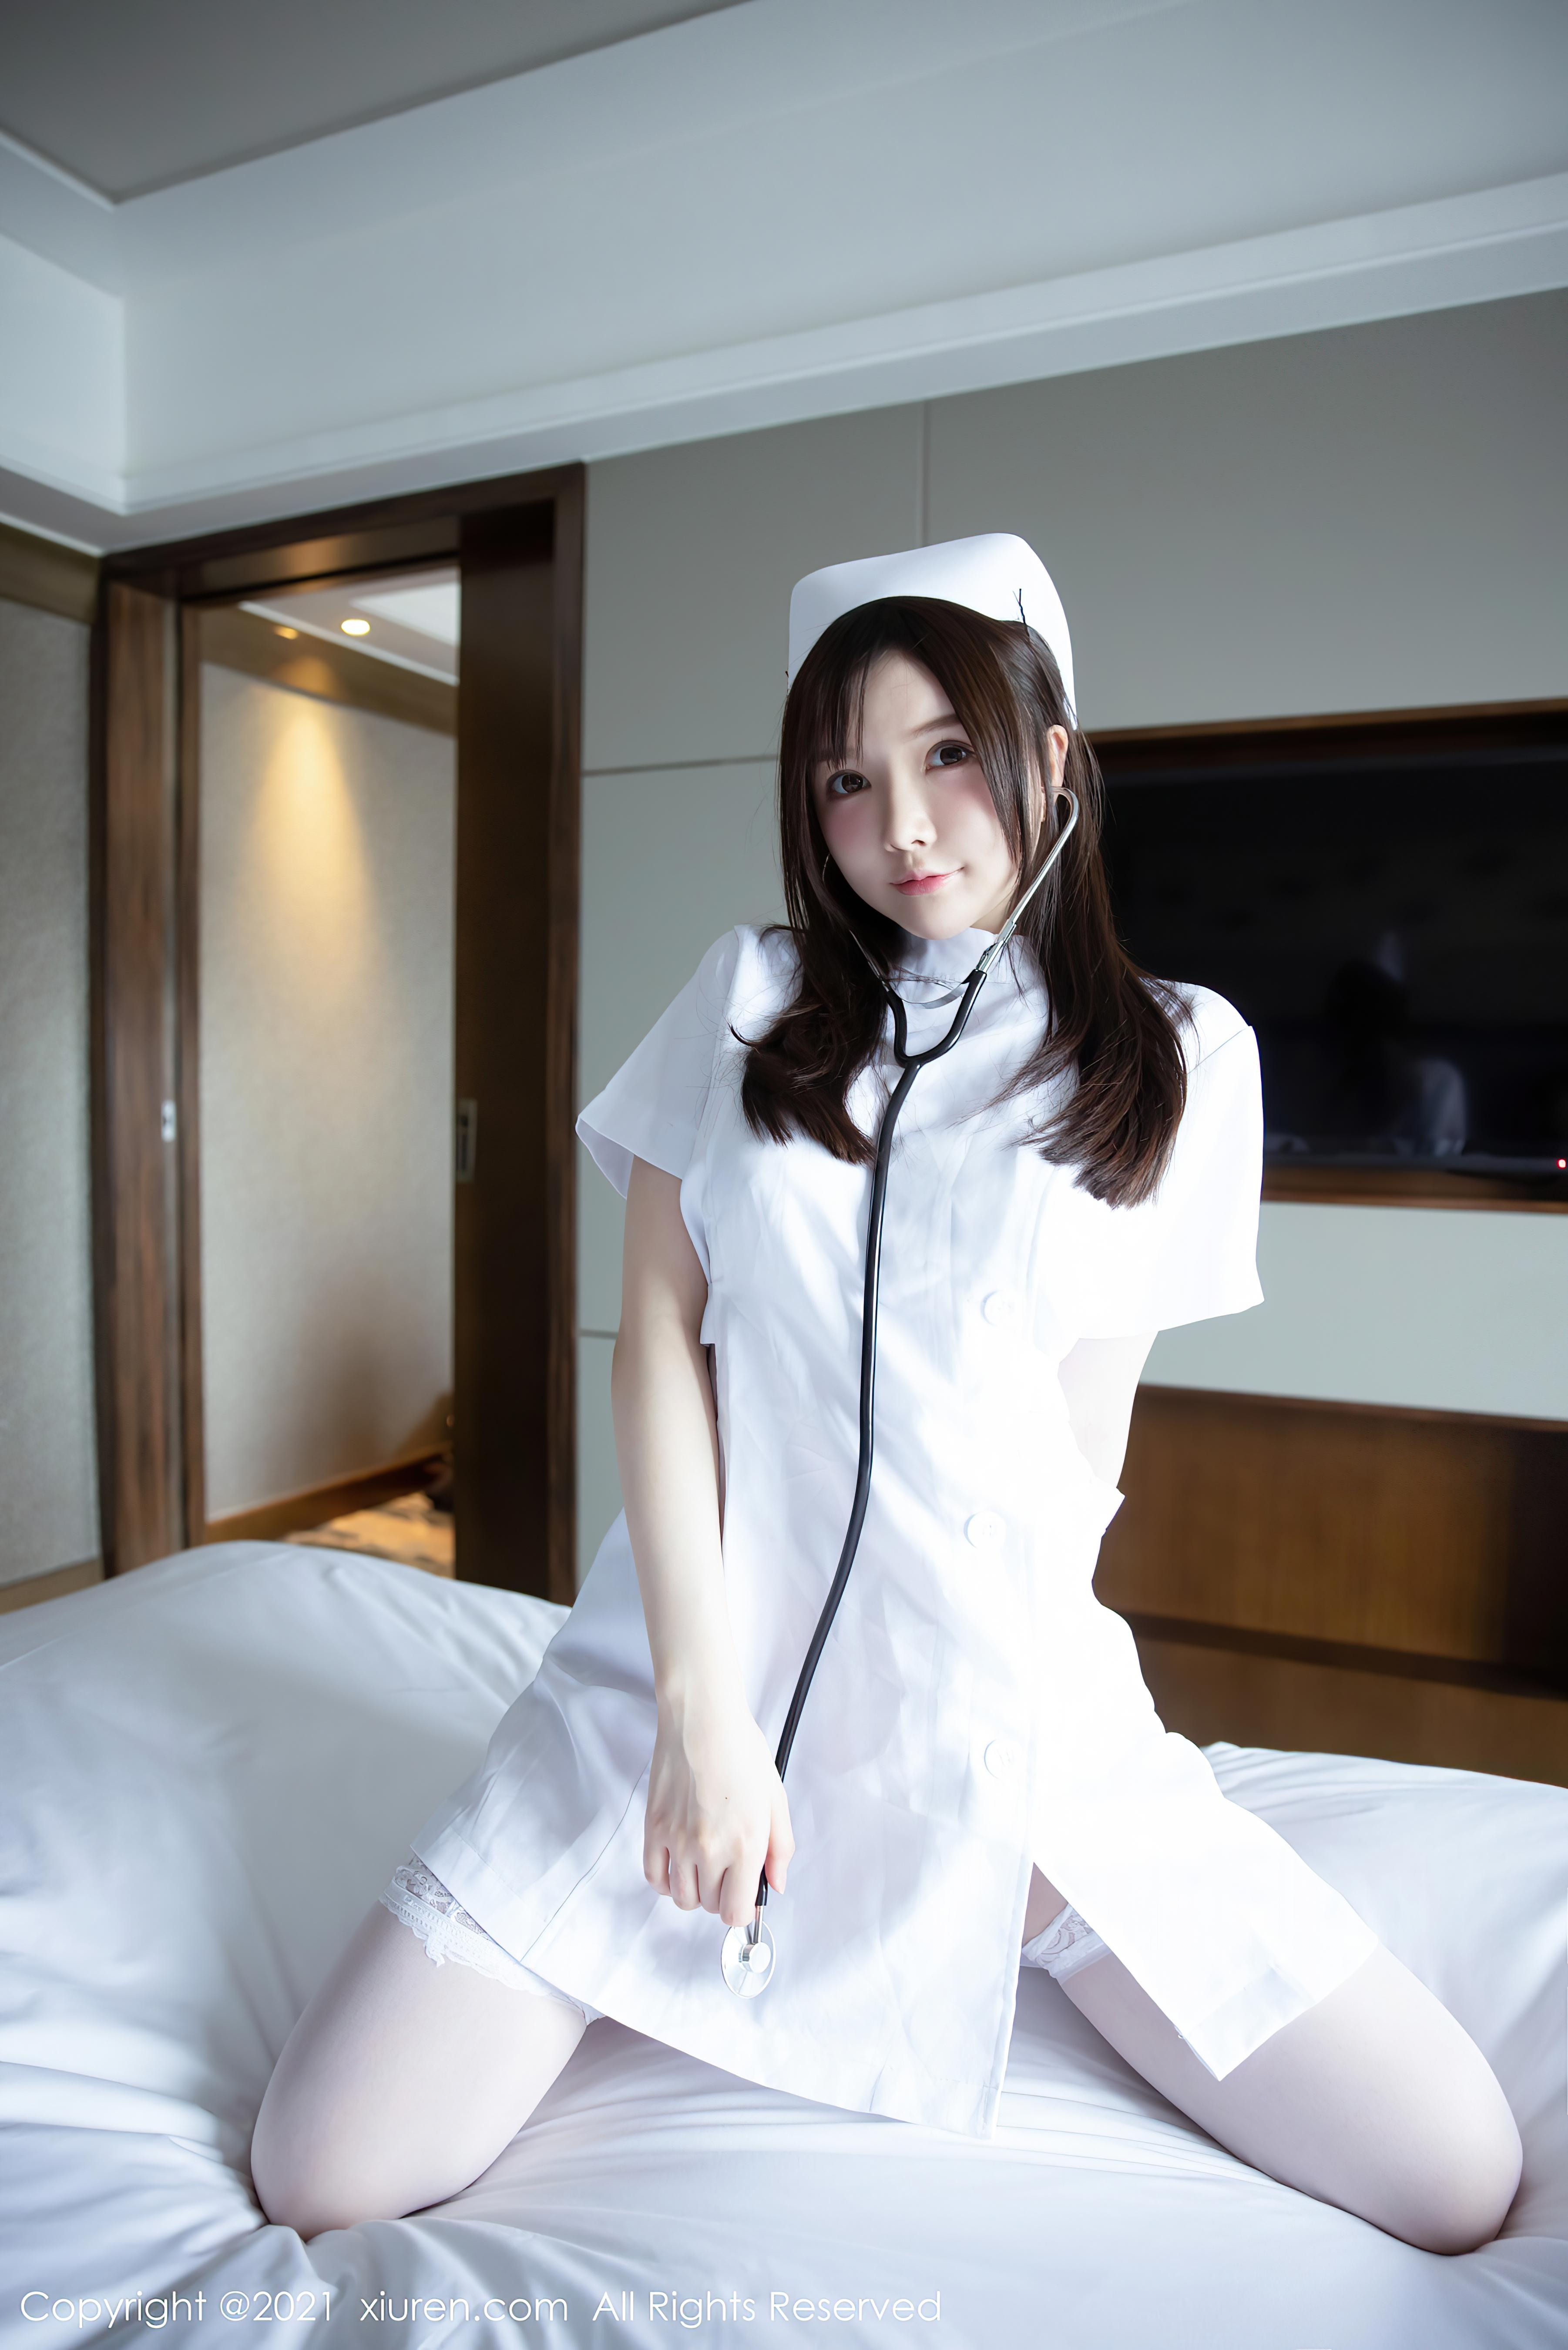 糯美子MiniBabe写真作品在线欣赏精选美图